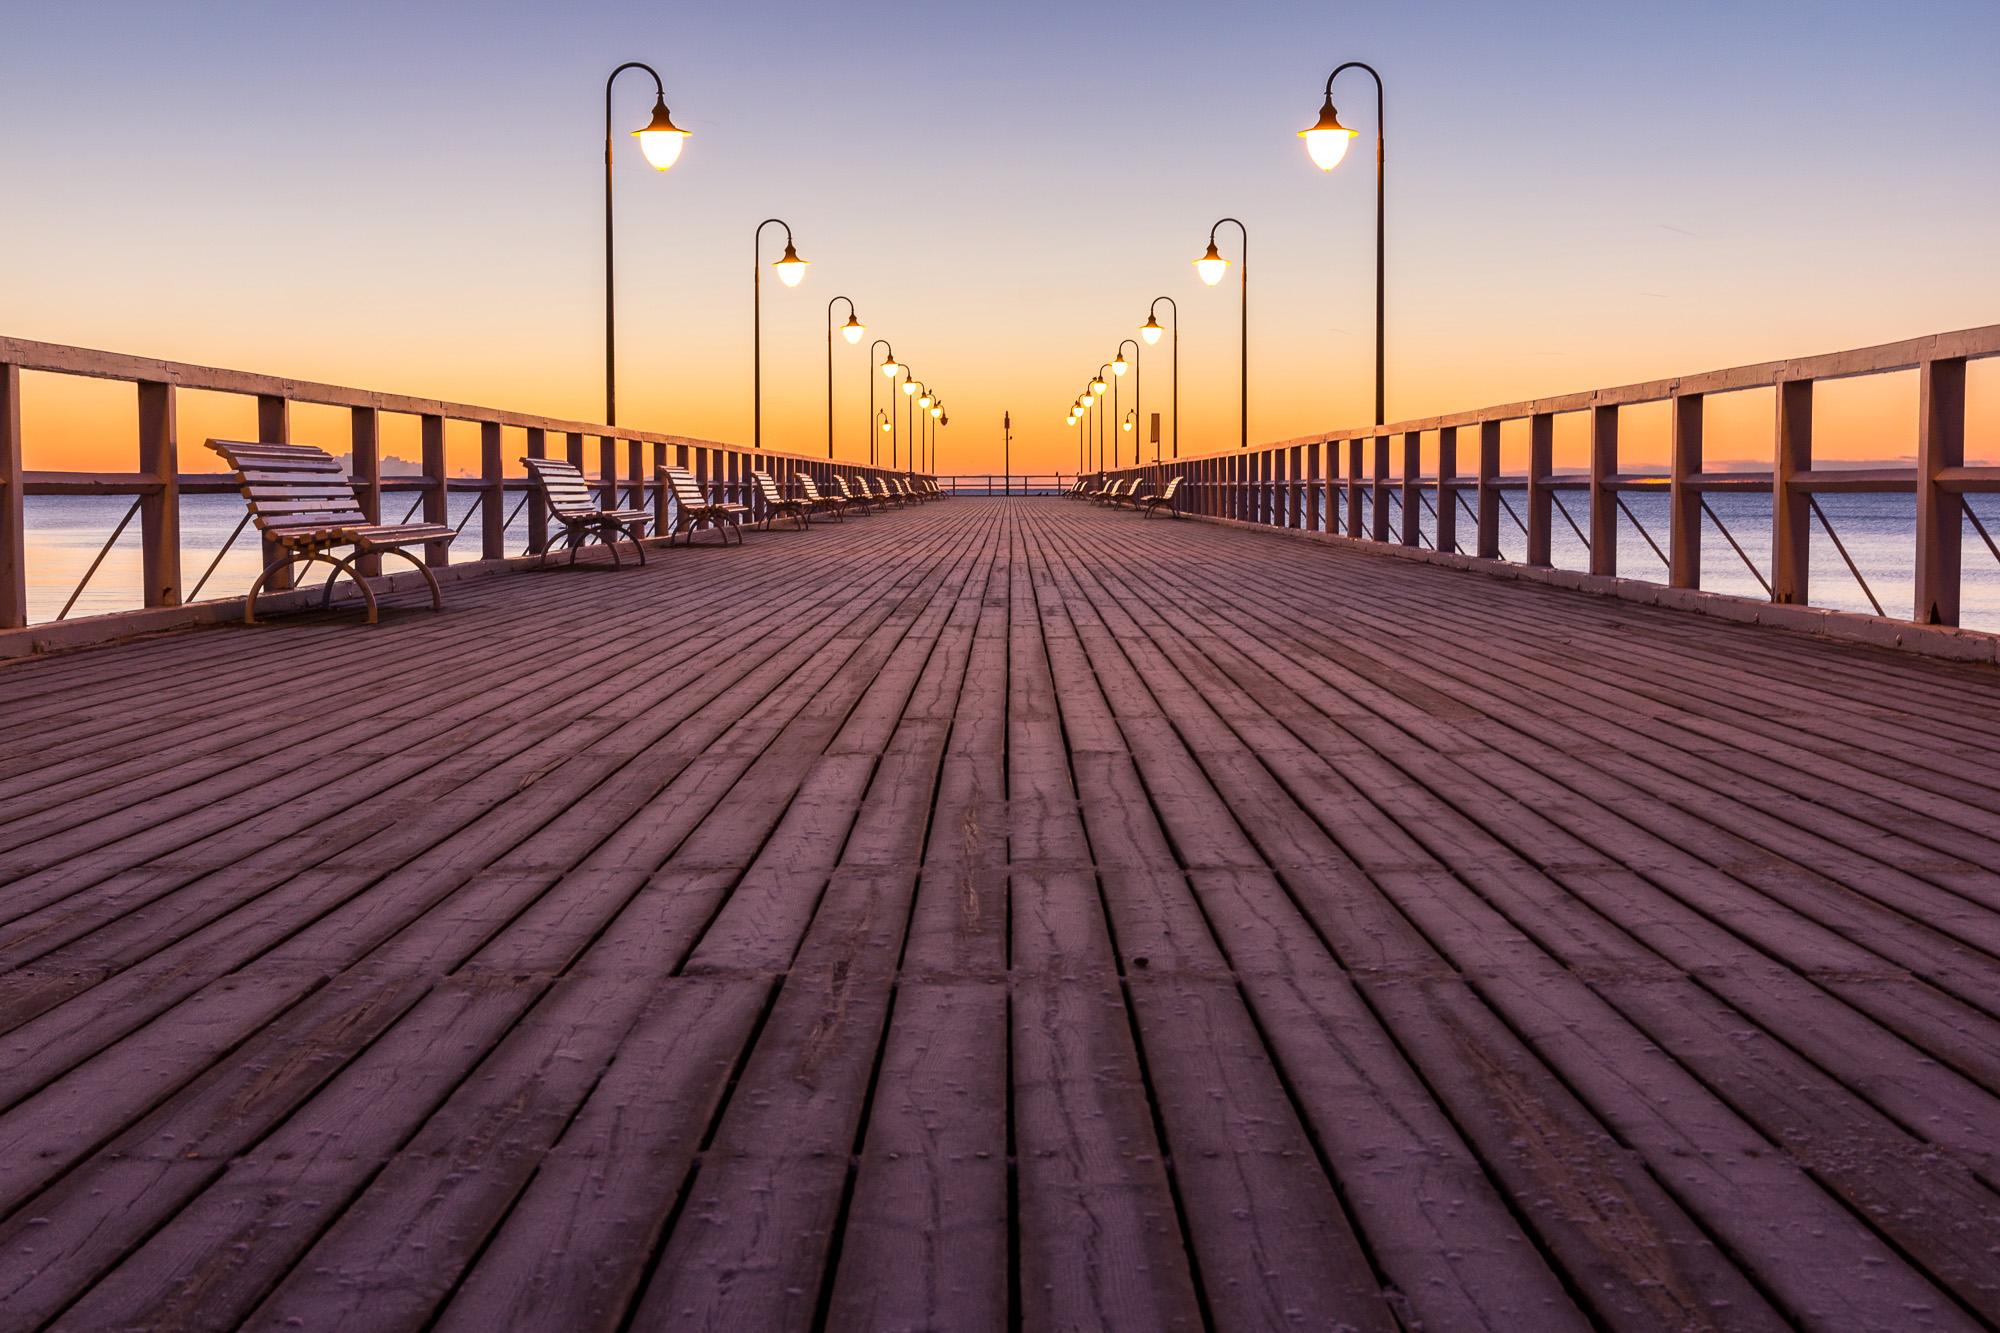 Molo w orlowie, Gdyna, Polsko